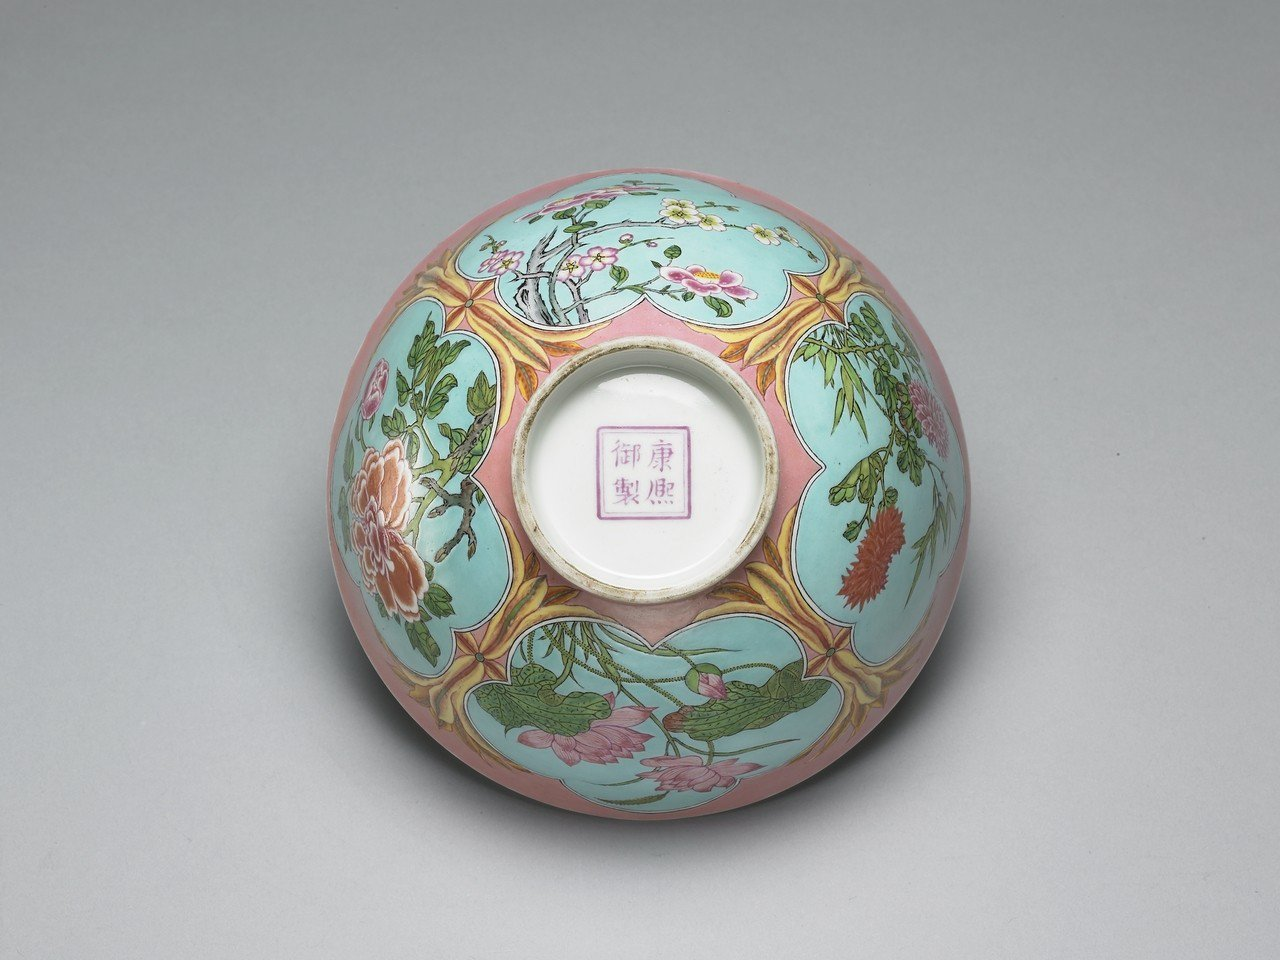 清康熙,琺瑯彩粉紅地開光四季花卉碗。圖/故宮提供